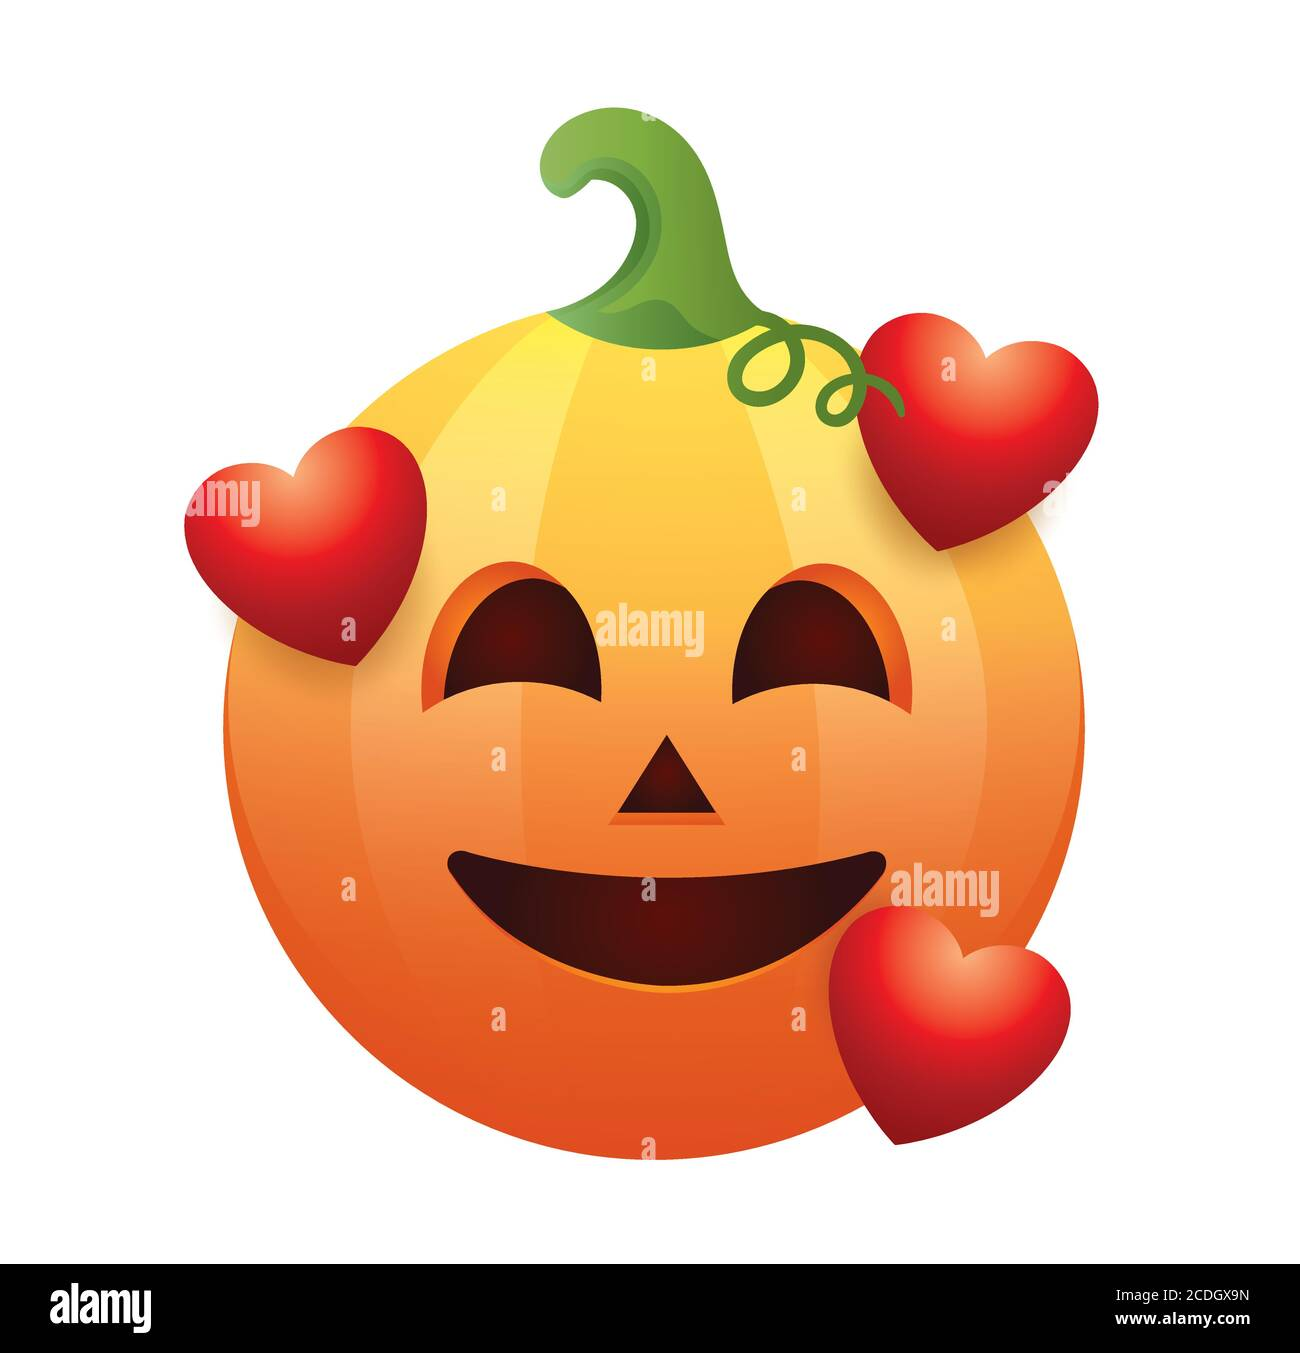 Emoticon di zucca.zucca di Halloween isolato su sfondo bianco.emoji di zucca di Halloween.rendering di zucca di Halloween Immagine e Vettoriale - Alamy